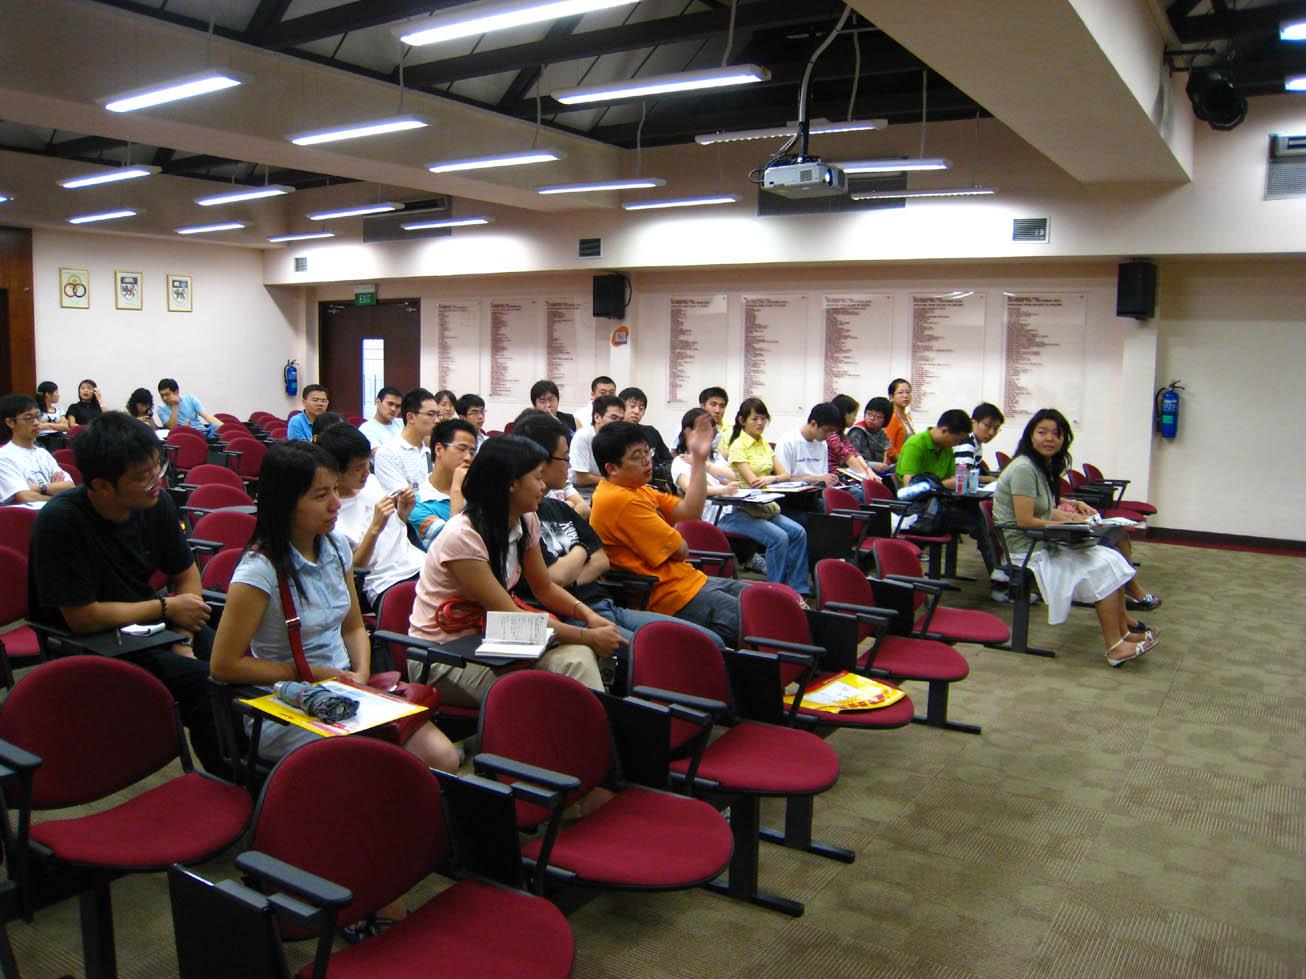 新加坡留学 新加坡国立大学NUS 新加坡南洋理工大学NTU 德国科技学